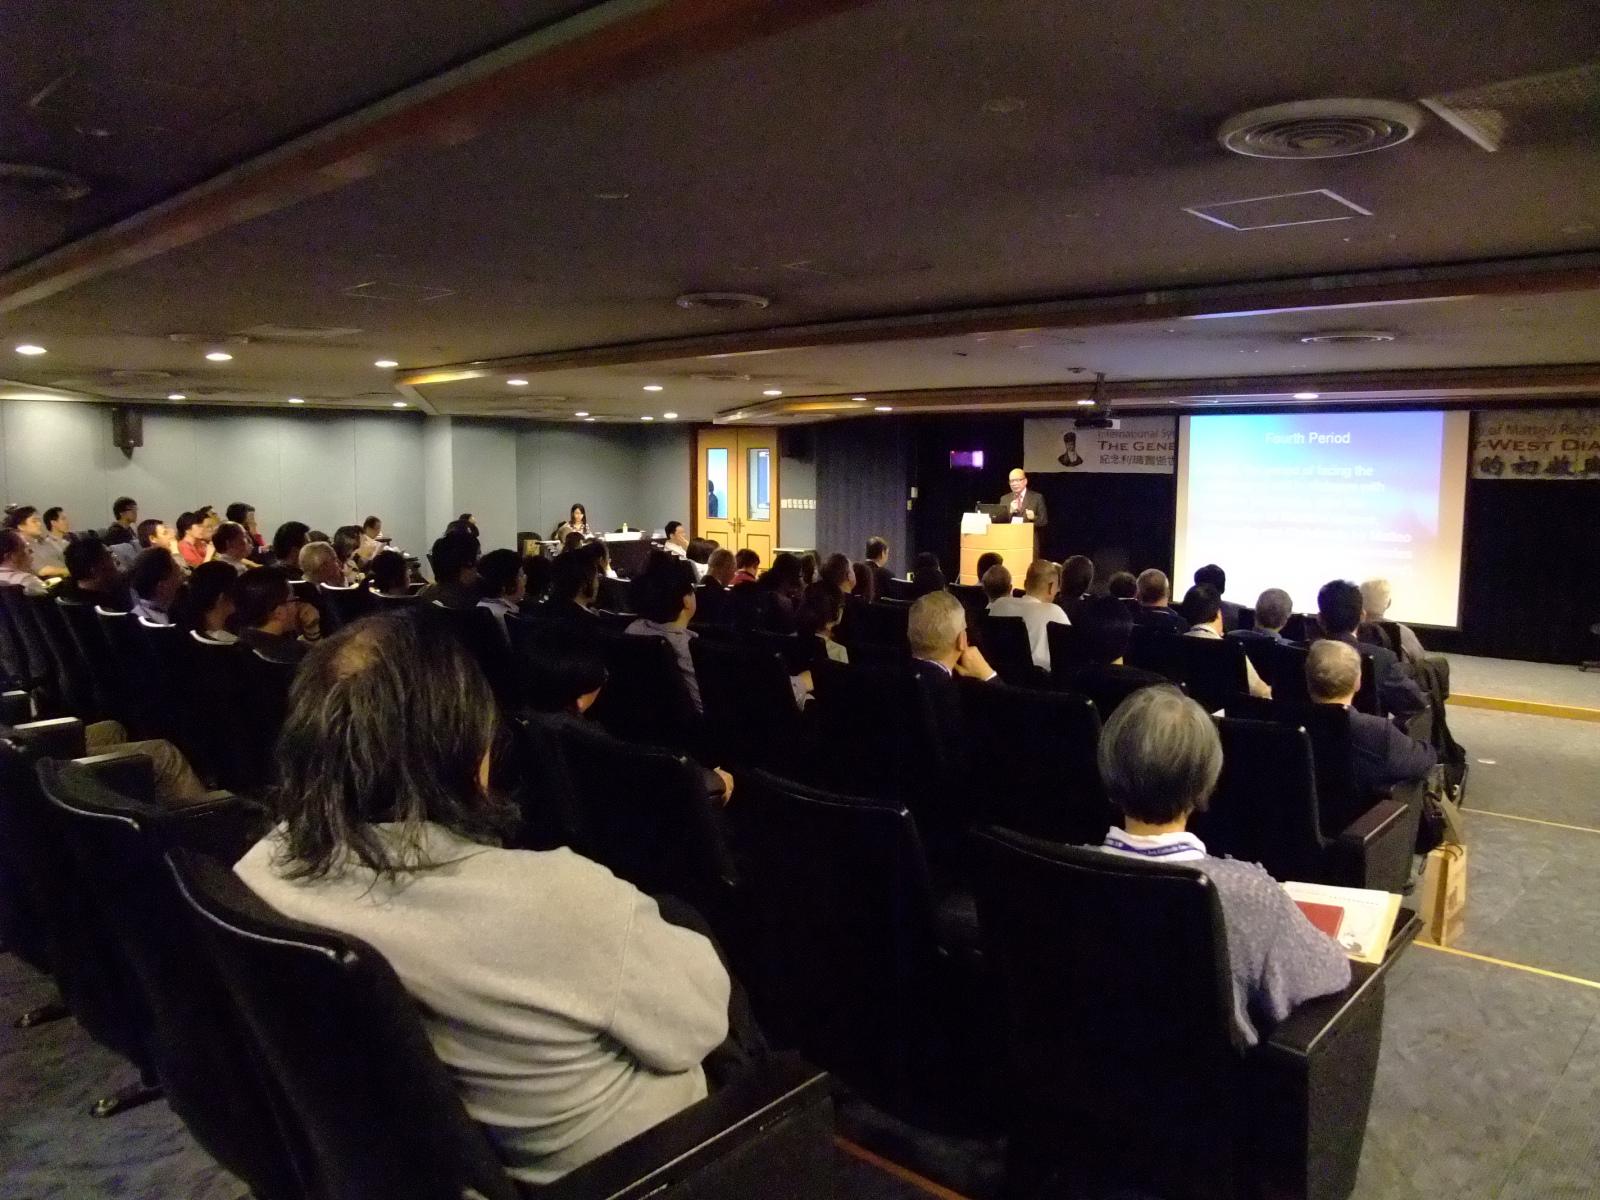 201004紀念利瑪竇逝世四百週年國際學術研討會-18